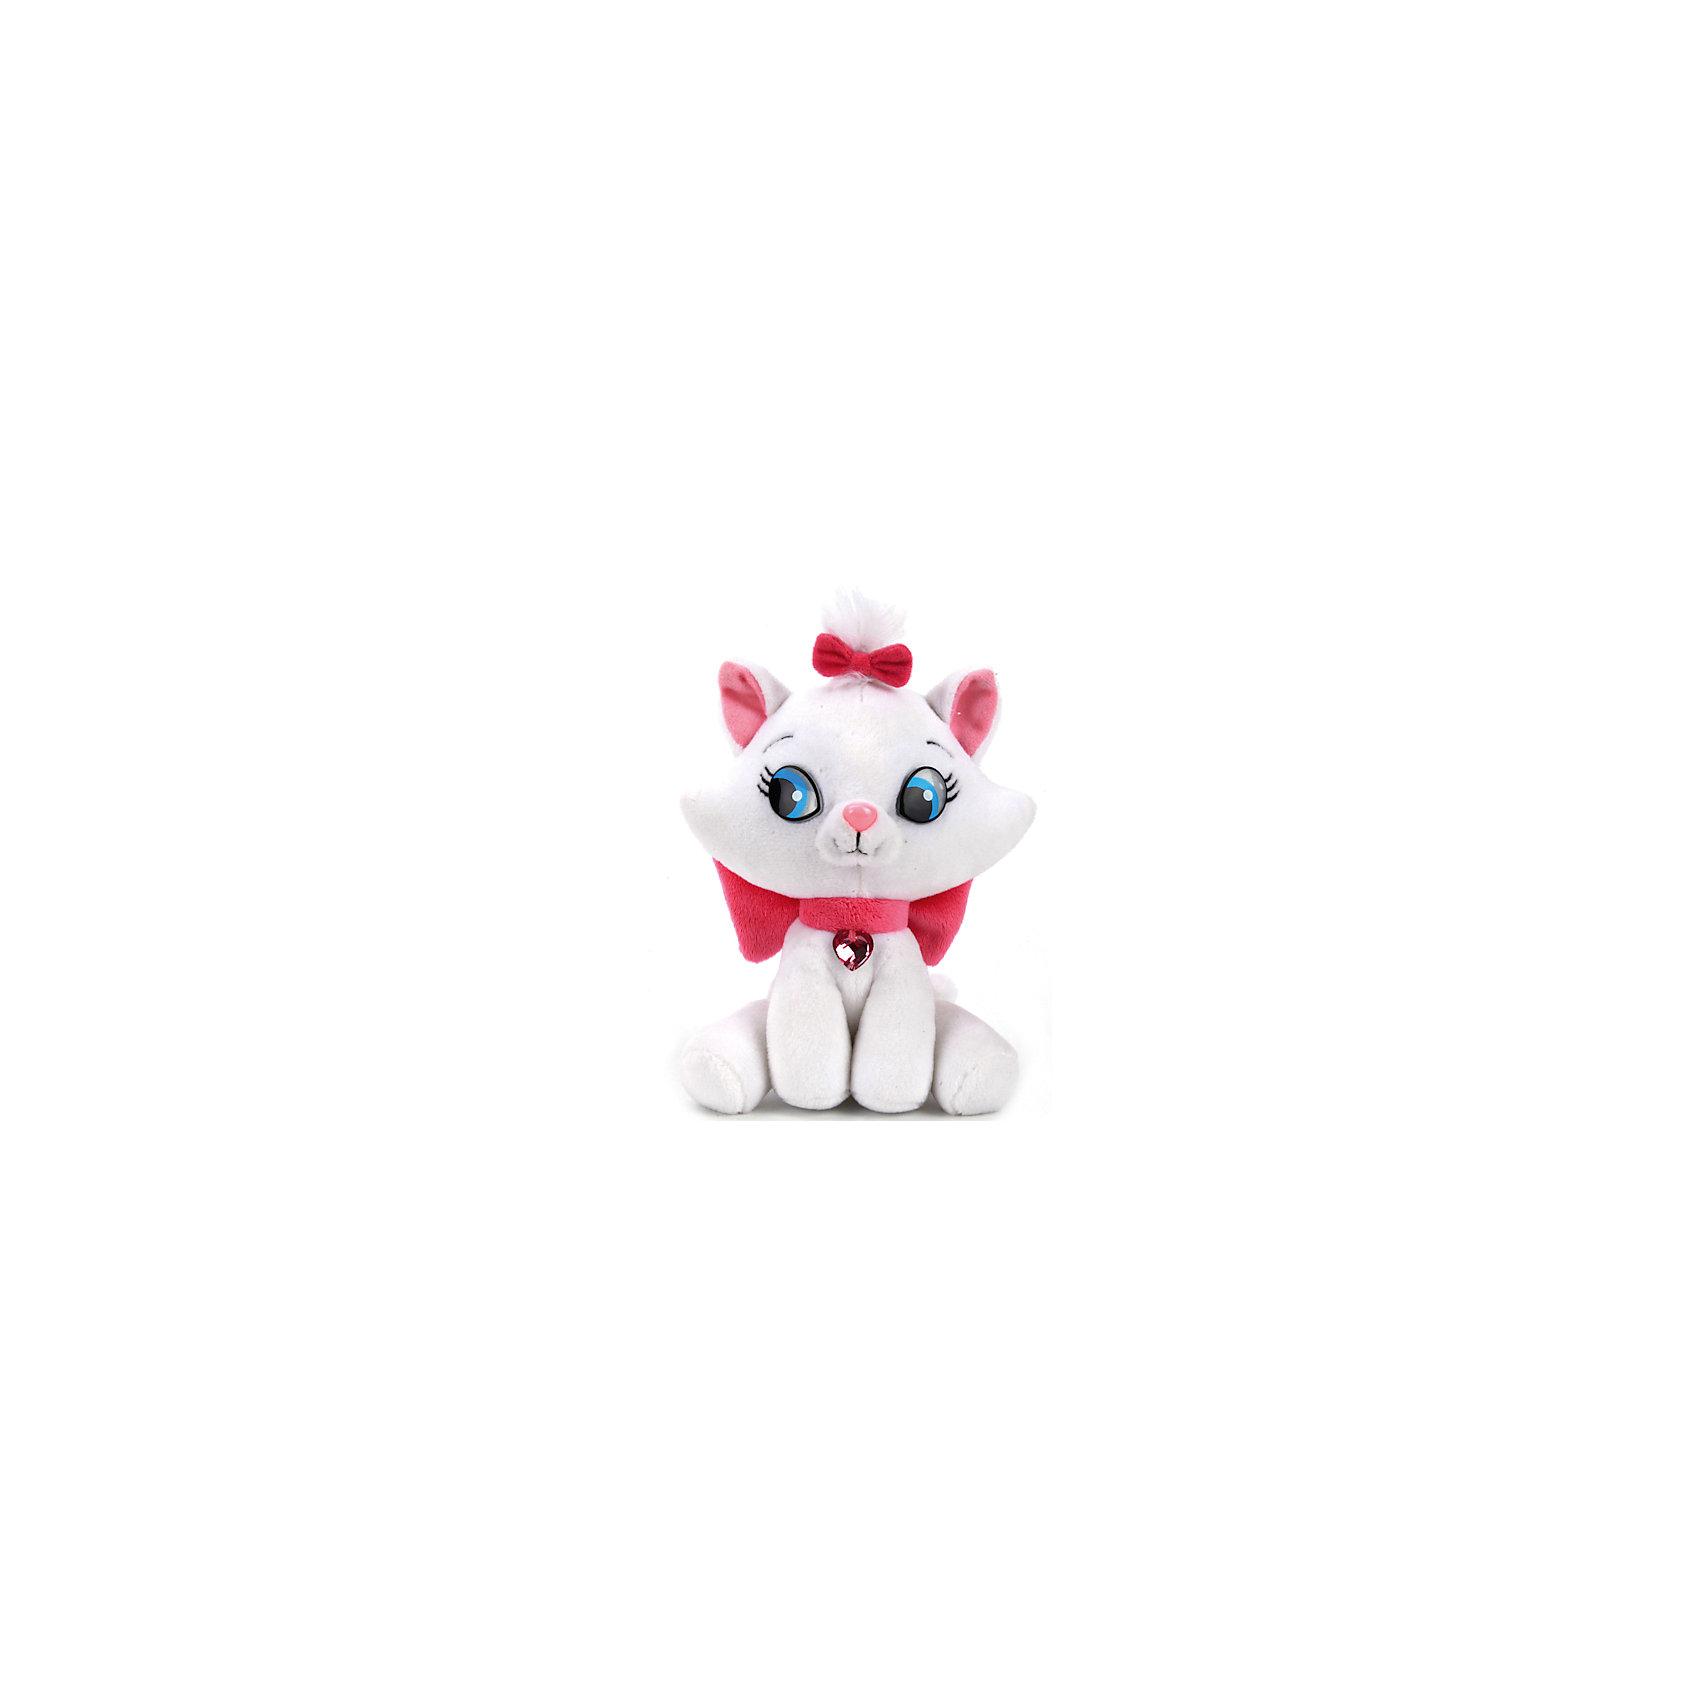 Мягкая игрушка Кошка Мэри, со звуком, Disney, МУЛЬТИ-ПУЛЬТИОзвученные мягкие игрушки<br>Мягкая игрушка Кошка Мэри со звуком от марки МУЛЬТИ-ПУЛЬТИ<br><br>Очаровательная мягкая игрушка от отечественного производителя сделана в виде известного персонажа из диснеевского мультфильма. Она поможет ребенку проводить время весело и с пользой. В игрушке есть встроенный звуковой модуль, который позволяет ей проигрывать мелодии.<br>Размер игрушки универсален - 15 сантиметров, её удобно брать с собой в поездки и на прогулку. Сделана она из качественных и безопасных для ребенка материалов, которые еще и приятны на ощупь. <br><br>Отличительные особенности  игрушки:<br><br>- материал: текстиль, пластик;<br>- звуковой модуль;<br>- цвет: белый;<br>- работает на батарейках;<br>- высота: 15 см.<br><br>Мягкую игрушку Кошка Мэри от марки МУЛЬТИ-ПУЛЬТИ можно купить в нашем магазине.<br><br>Ширина мм: 360<br>Глубина мм: 240<br>Высота мм: 240<br>Вес г: 100<br>Возраст от месяцев: 36<br>Возраст до месяцев: 84<br>Пол: Унисекс<br>Возраст: Детский<br>SKU: 4659501